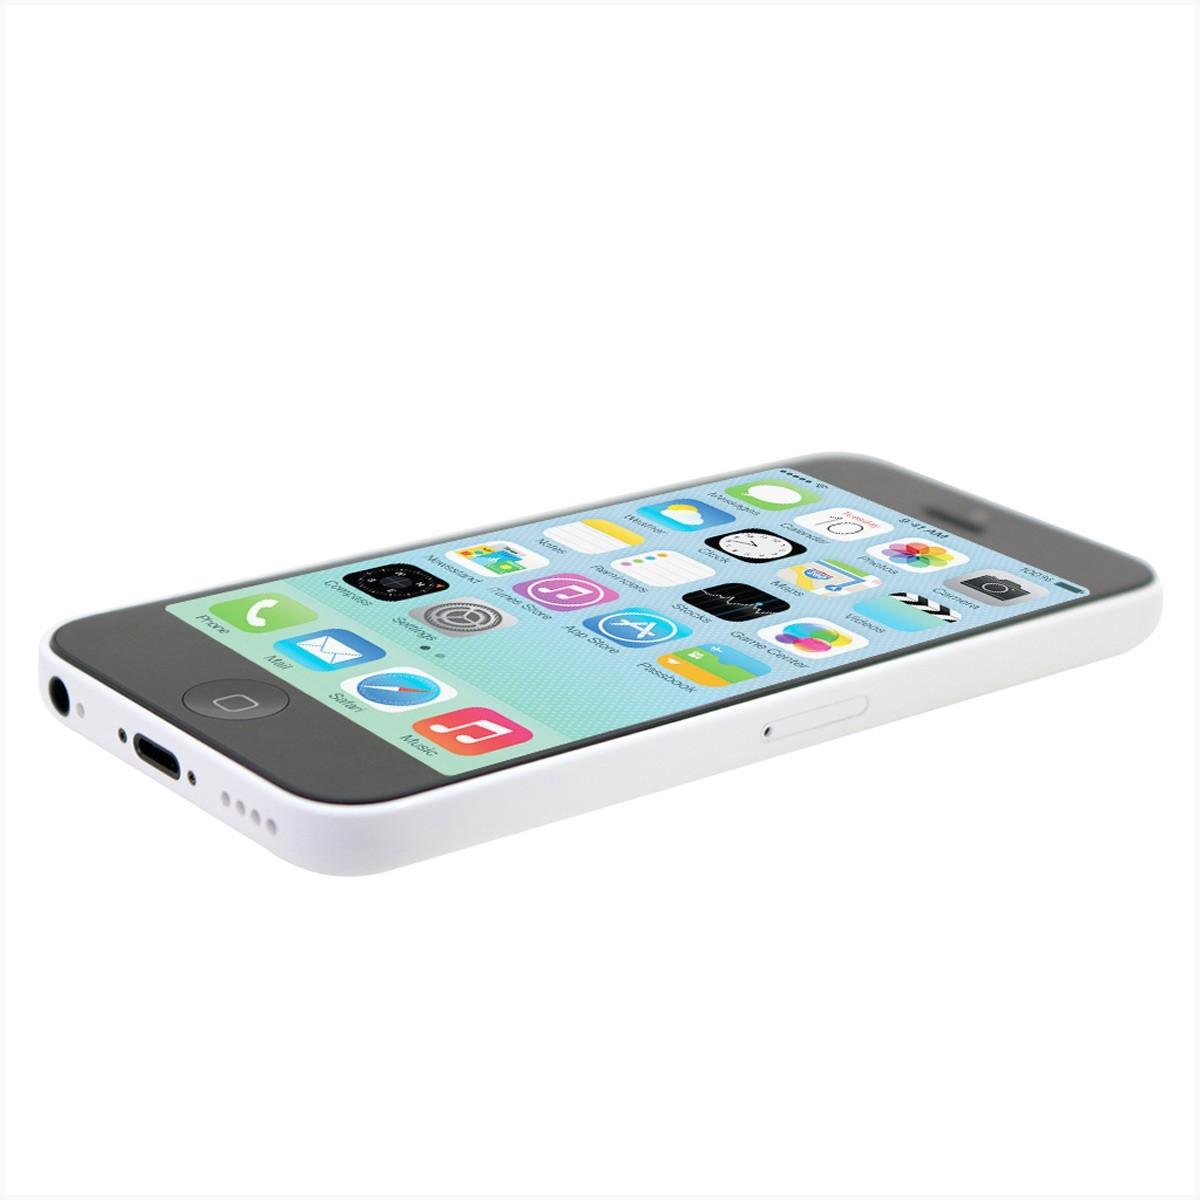 Celular Iphone 5C A1507 8gb - Usado